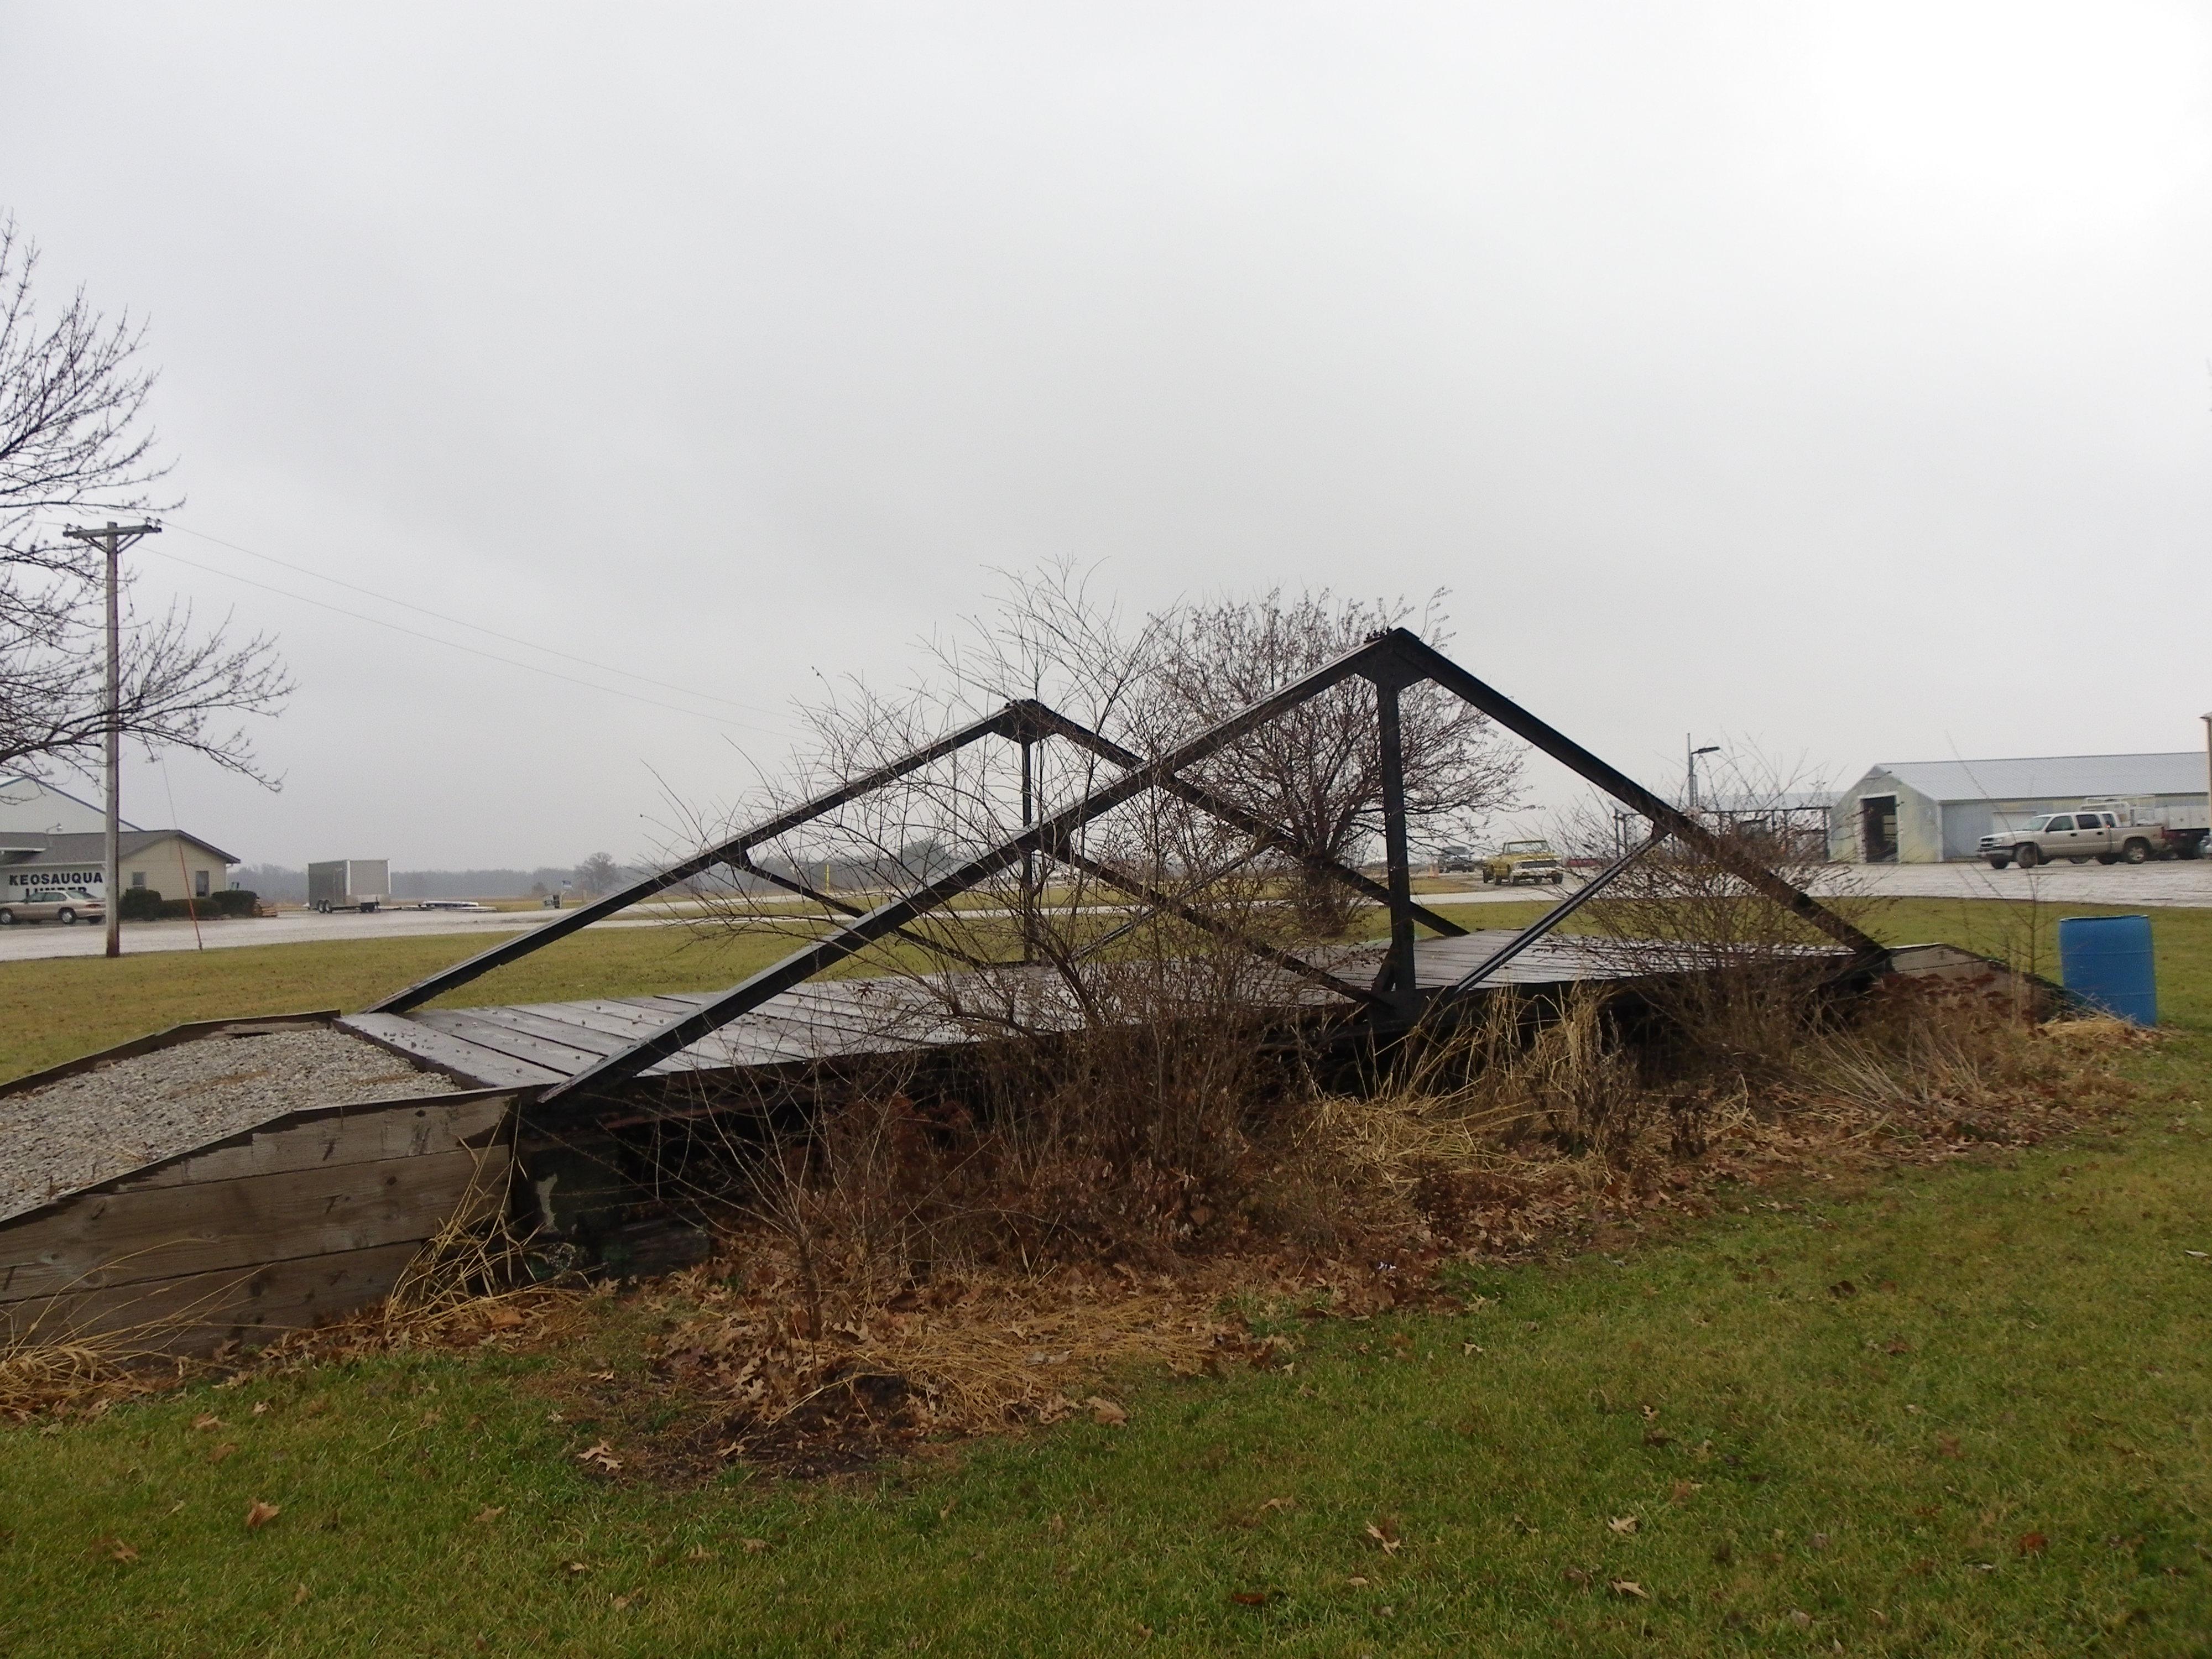 Waddell Pony Truss Bridge outside the Van Buren County Highway Dept. in Keosaqua, Iowa. Photo taken in Dec. 2014